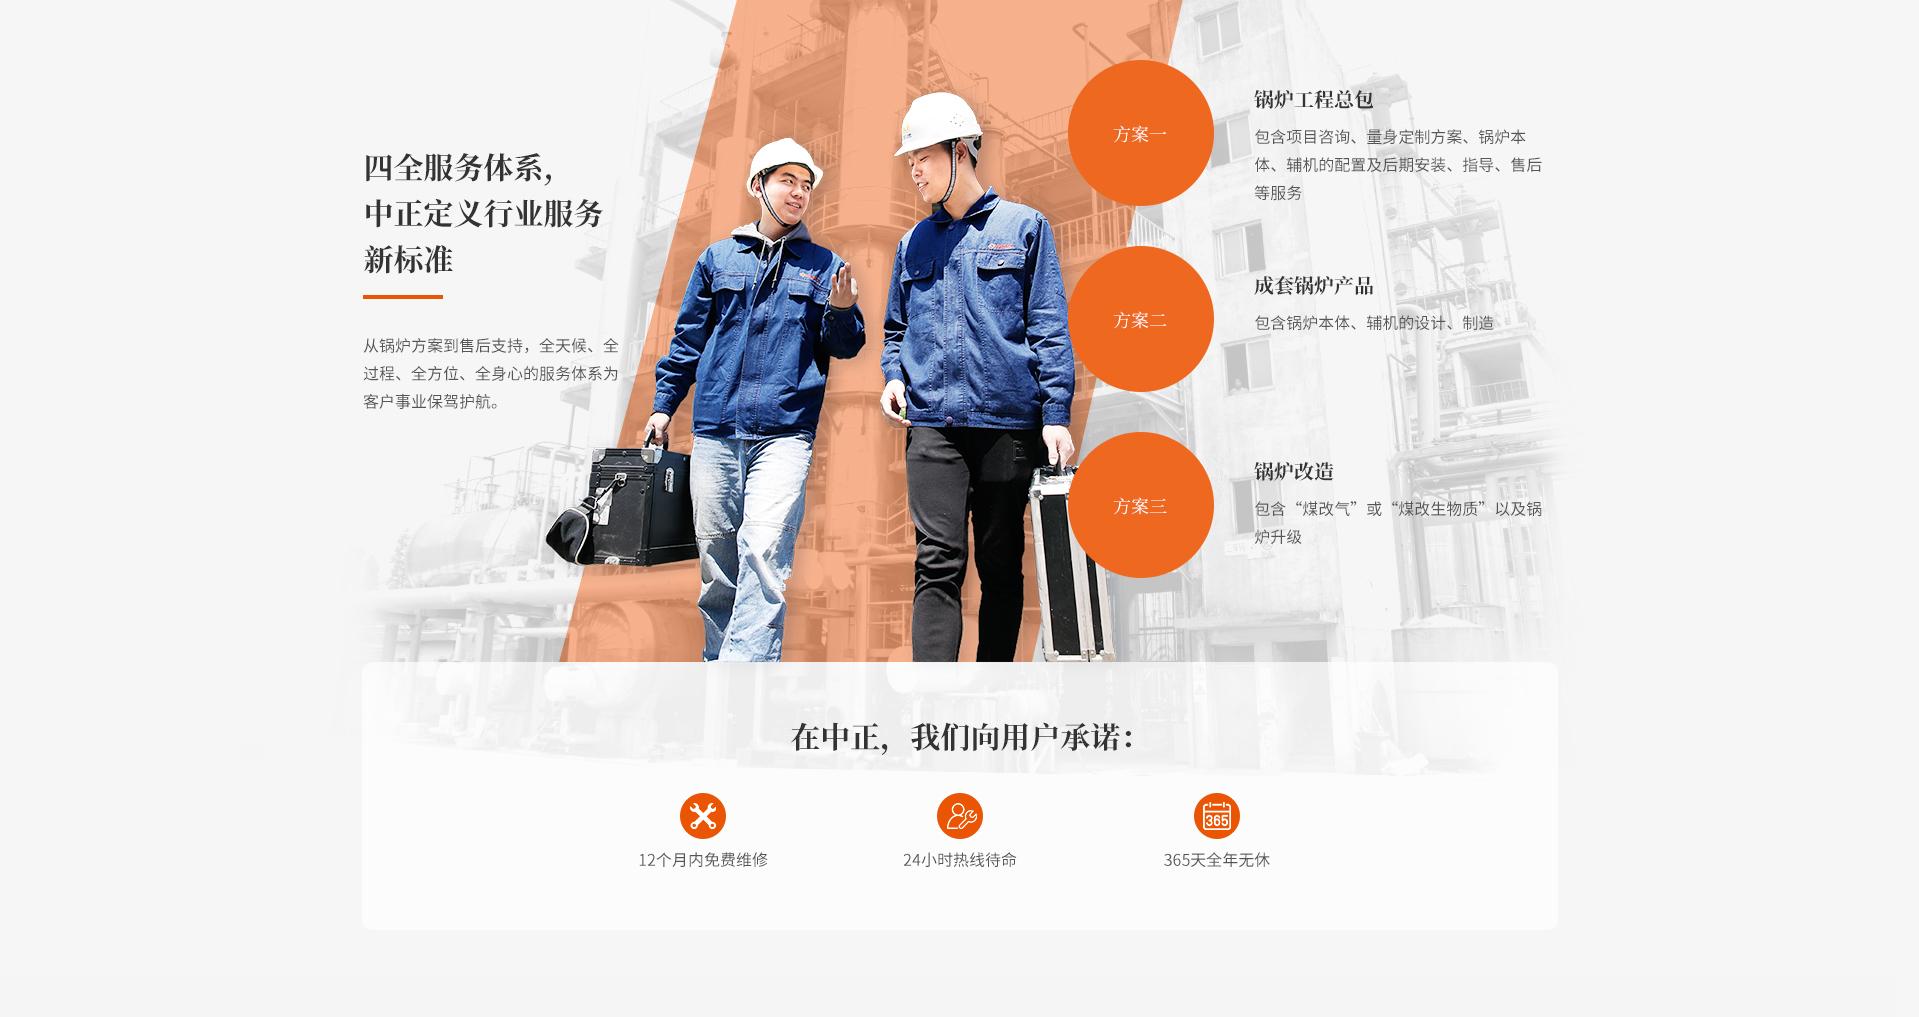 四全服务体系,中正定义行业服务新标准